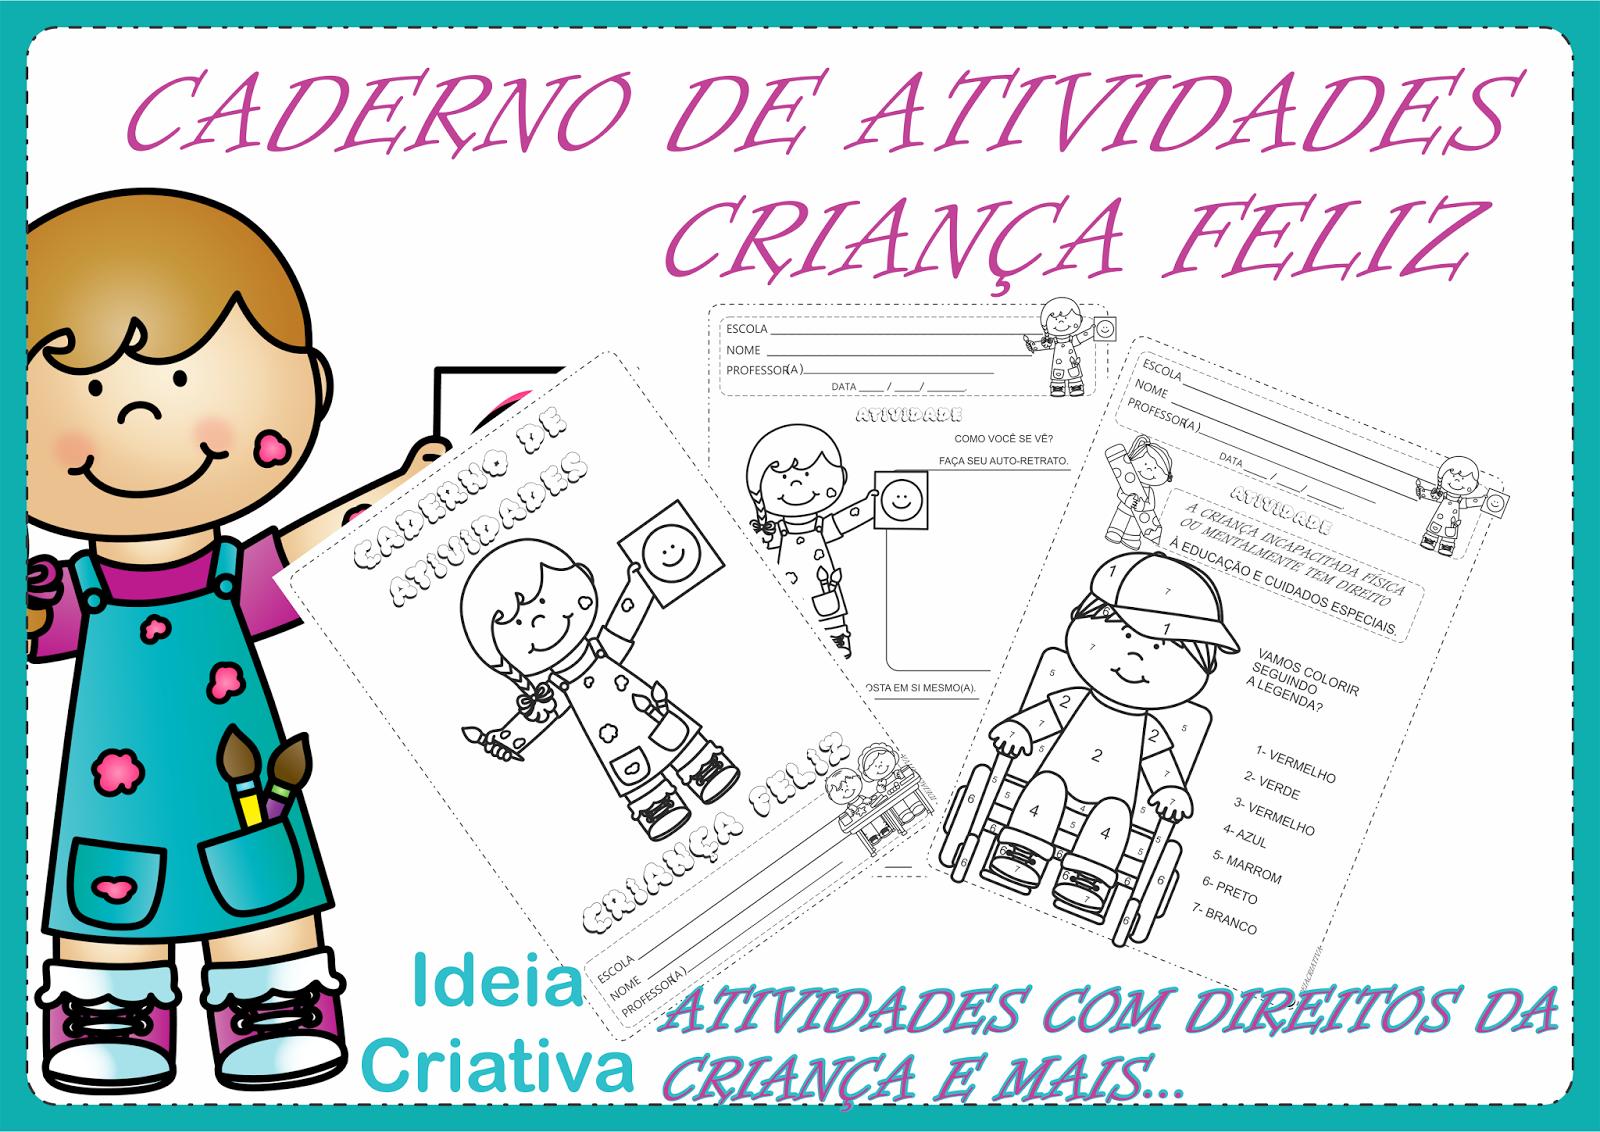 Caderno de Atividades Criança Feliz